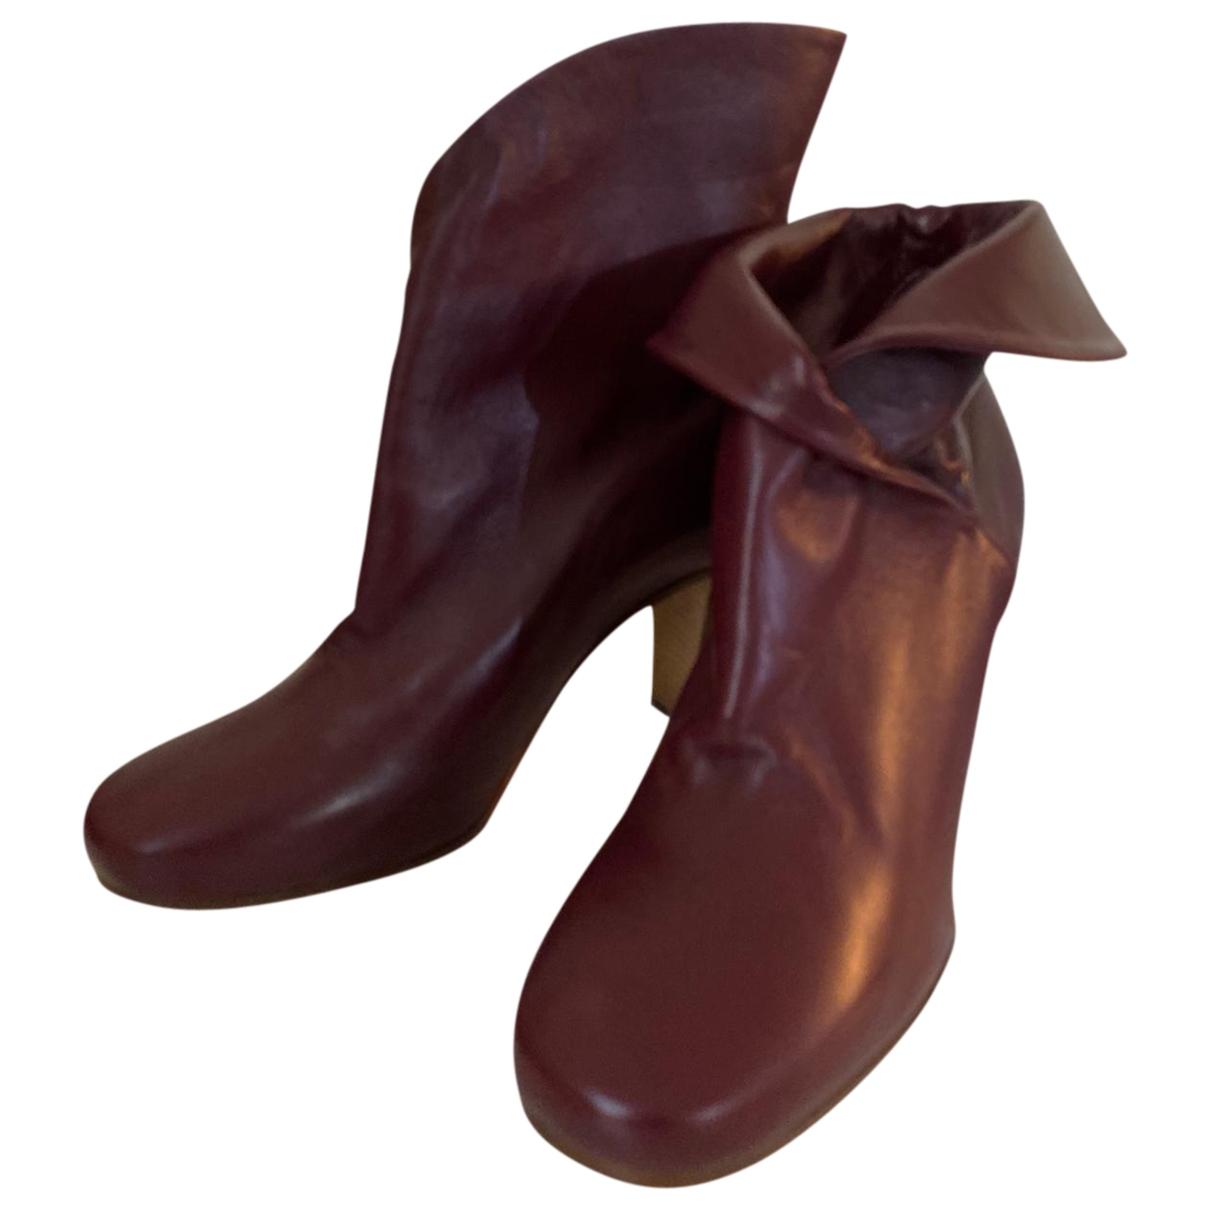 Celine Wrapped boots Stiefeletten in  Bordeauxrot Leder